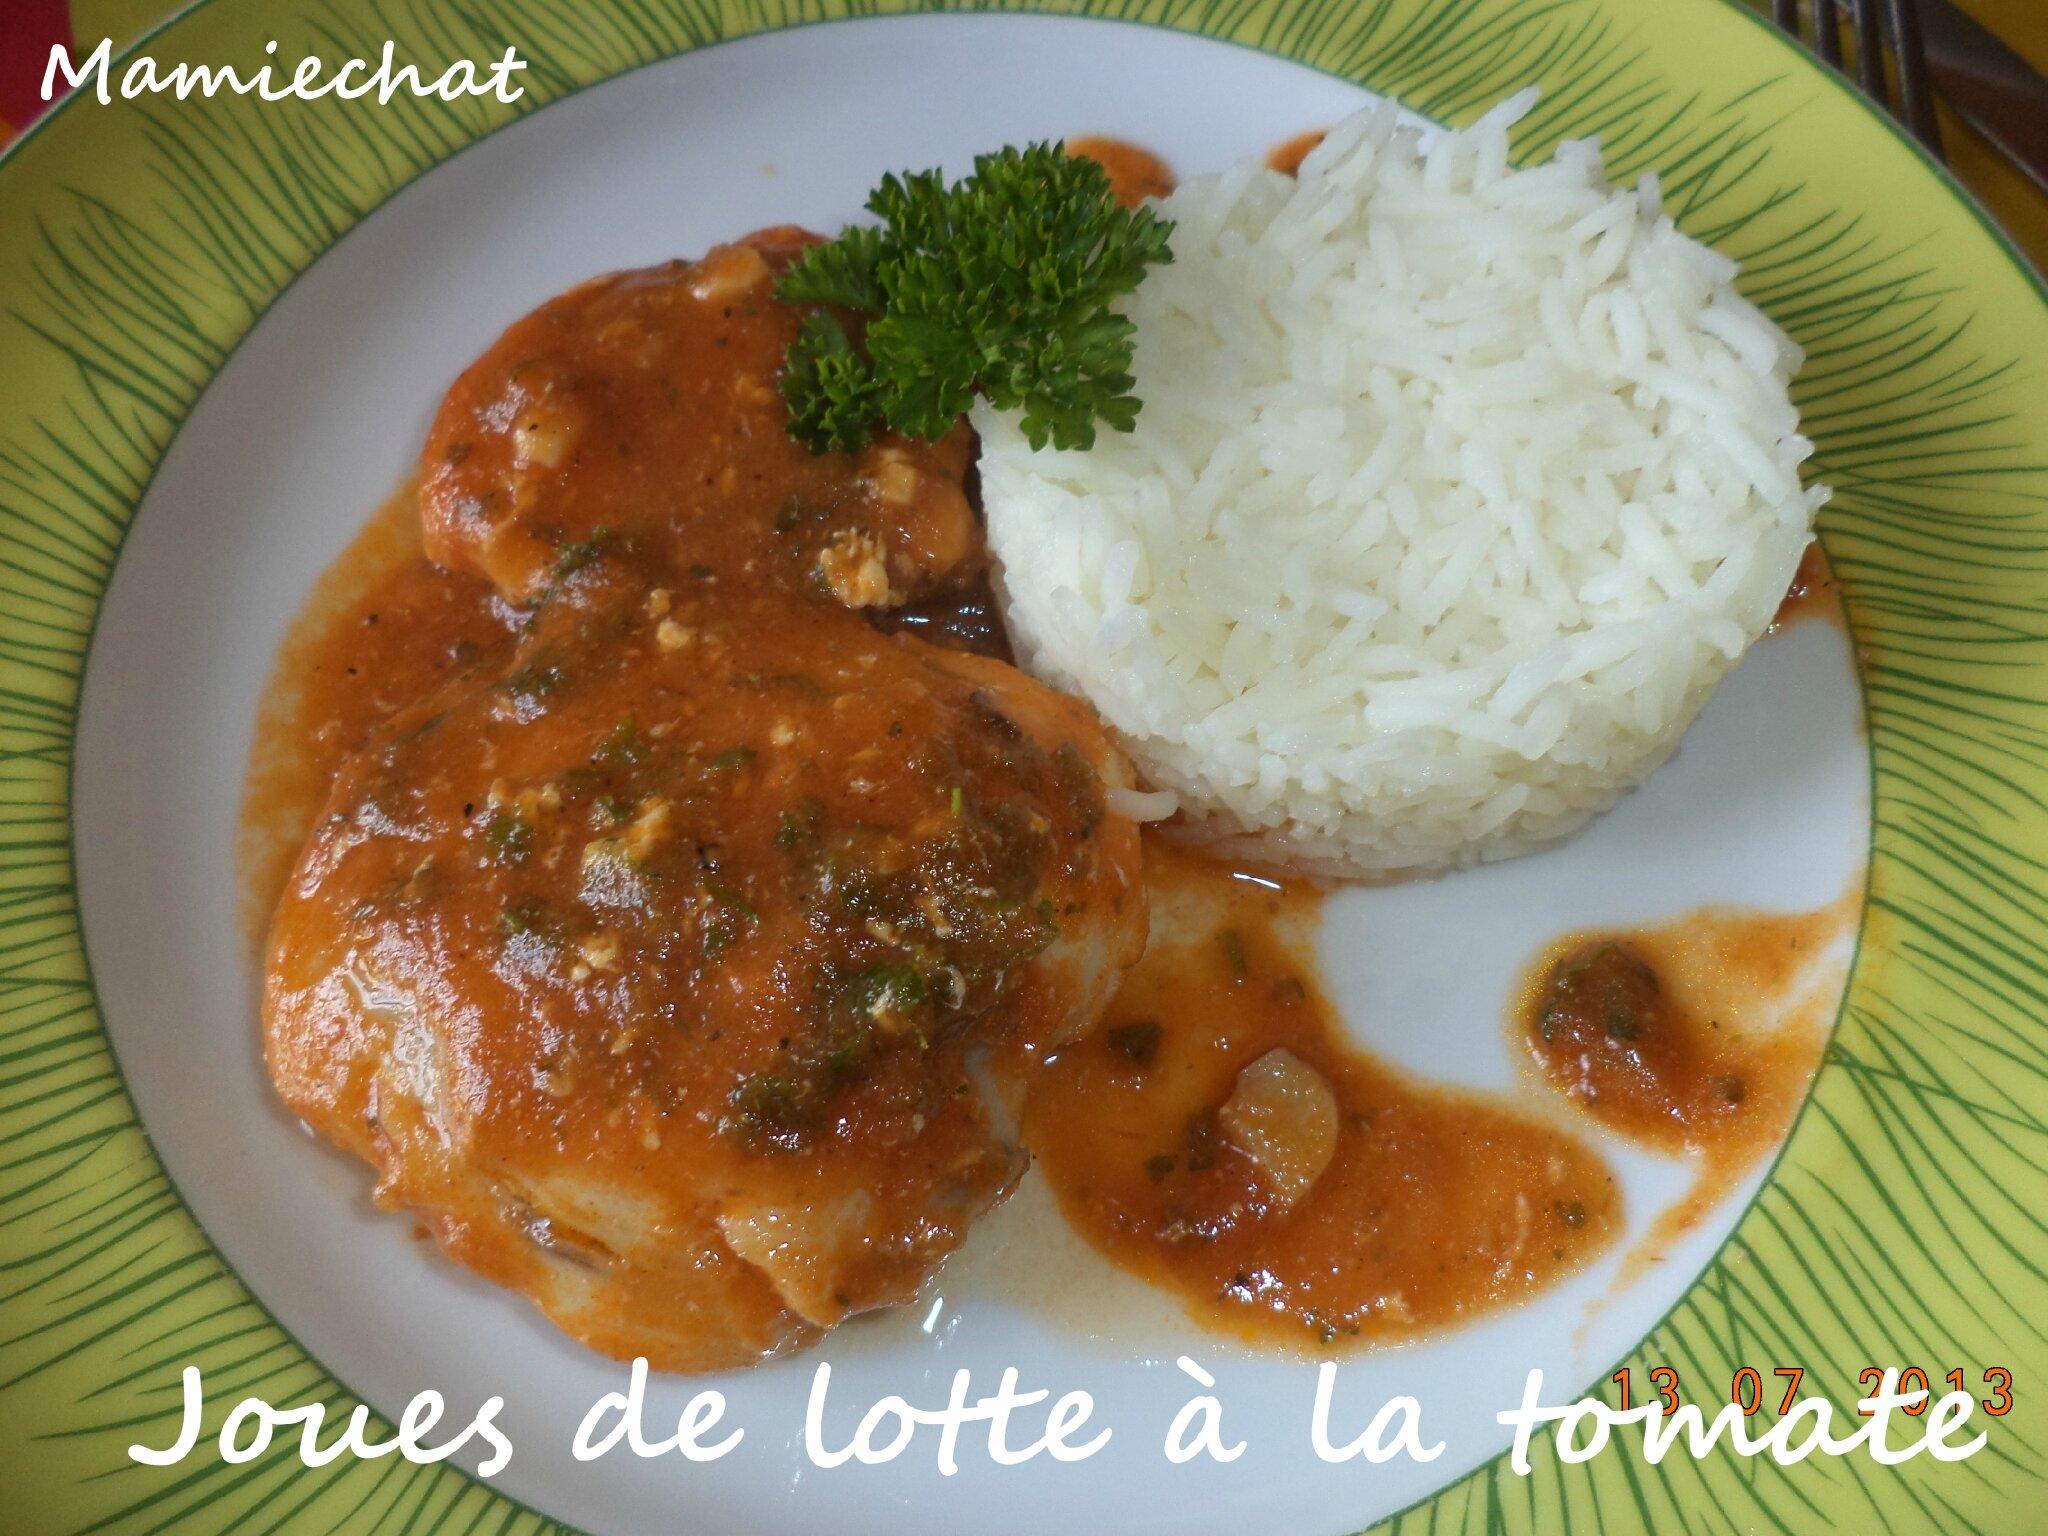 Joues de lotte la tomate le blog de chantal76 - Cuisiner des joues de lotte ...